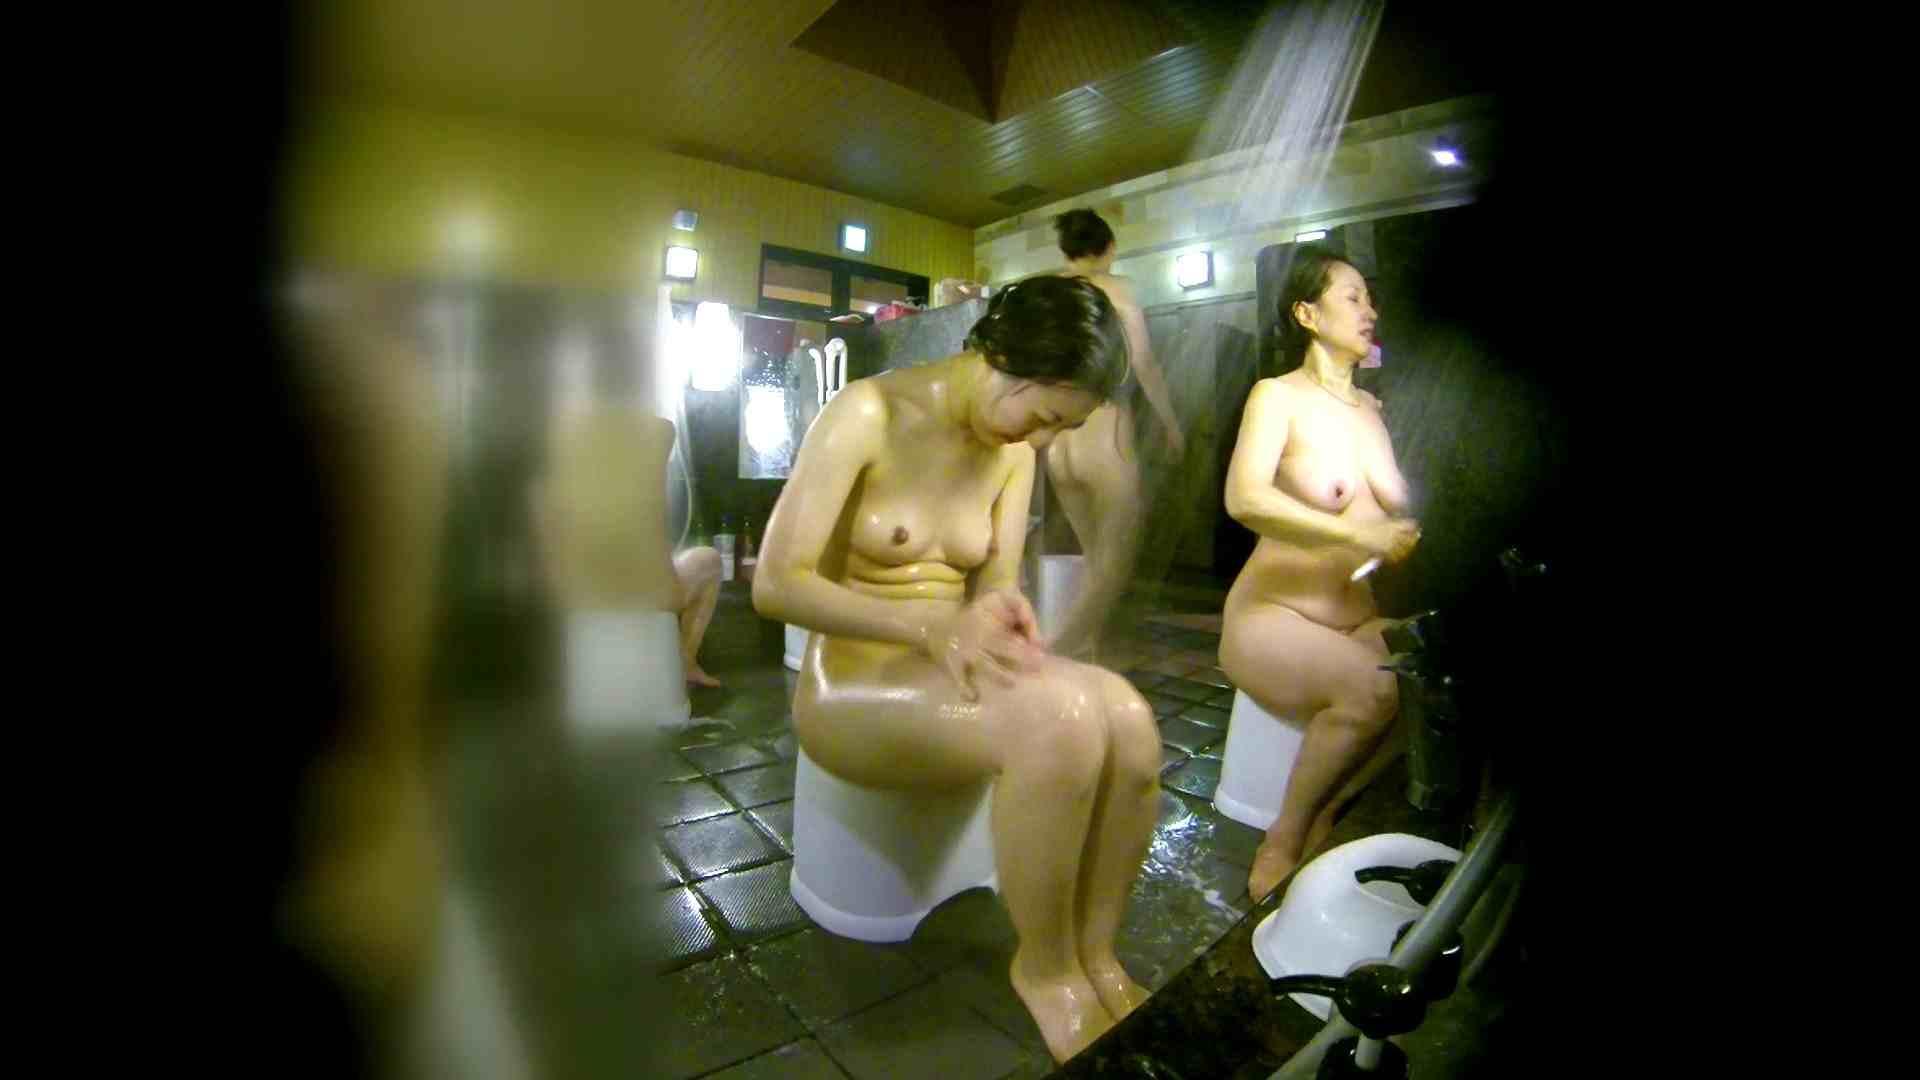 洗い場!右足の位置がいいですね。陰毛もっさり! 潜入 ワレメ無修正動画無料 74画像 41